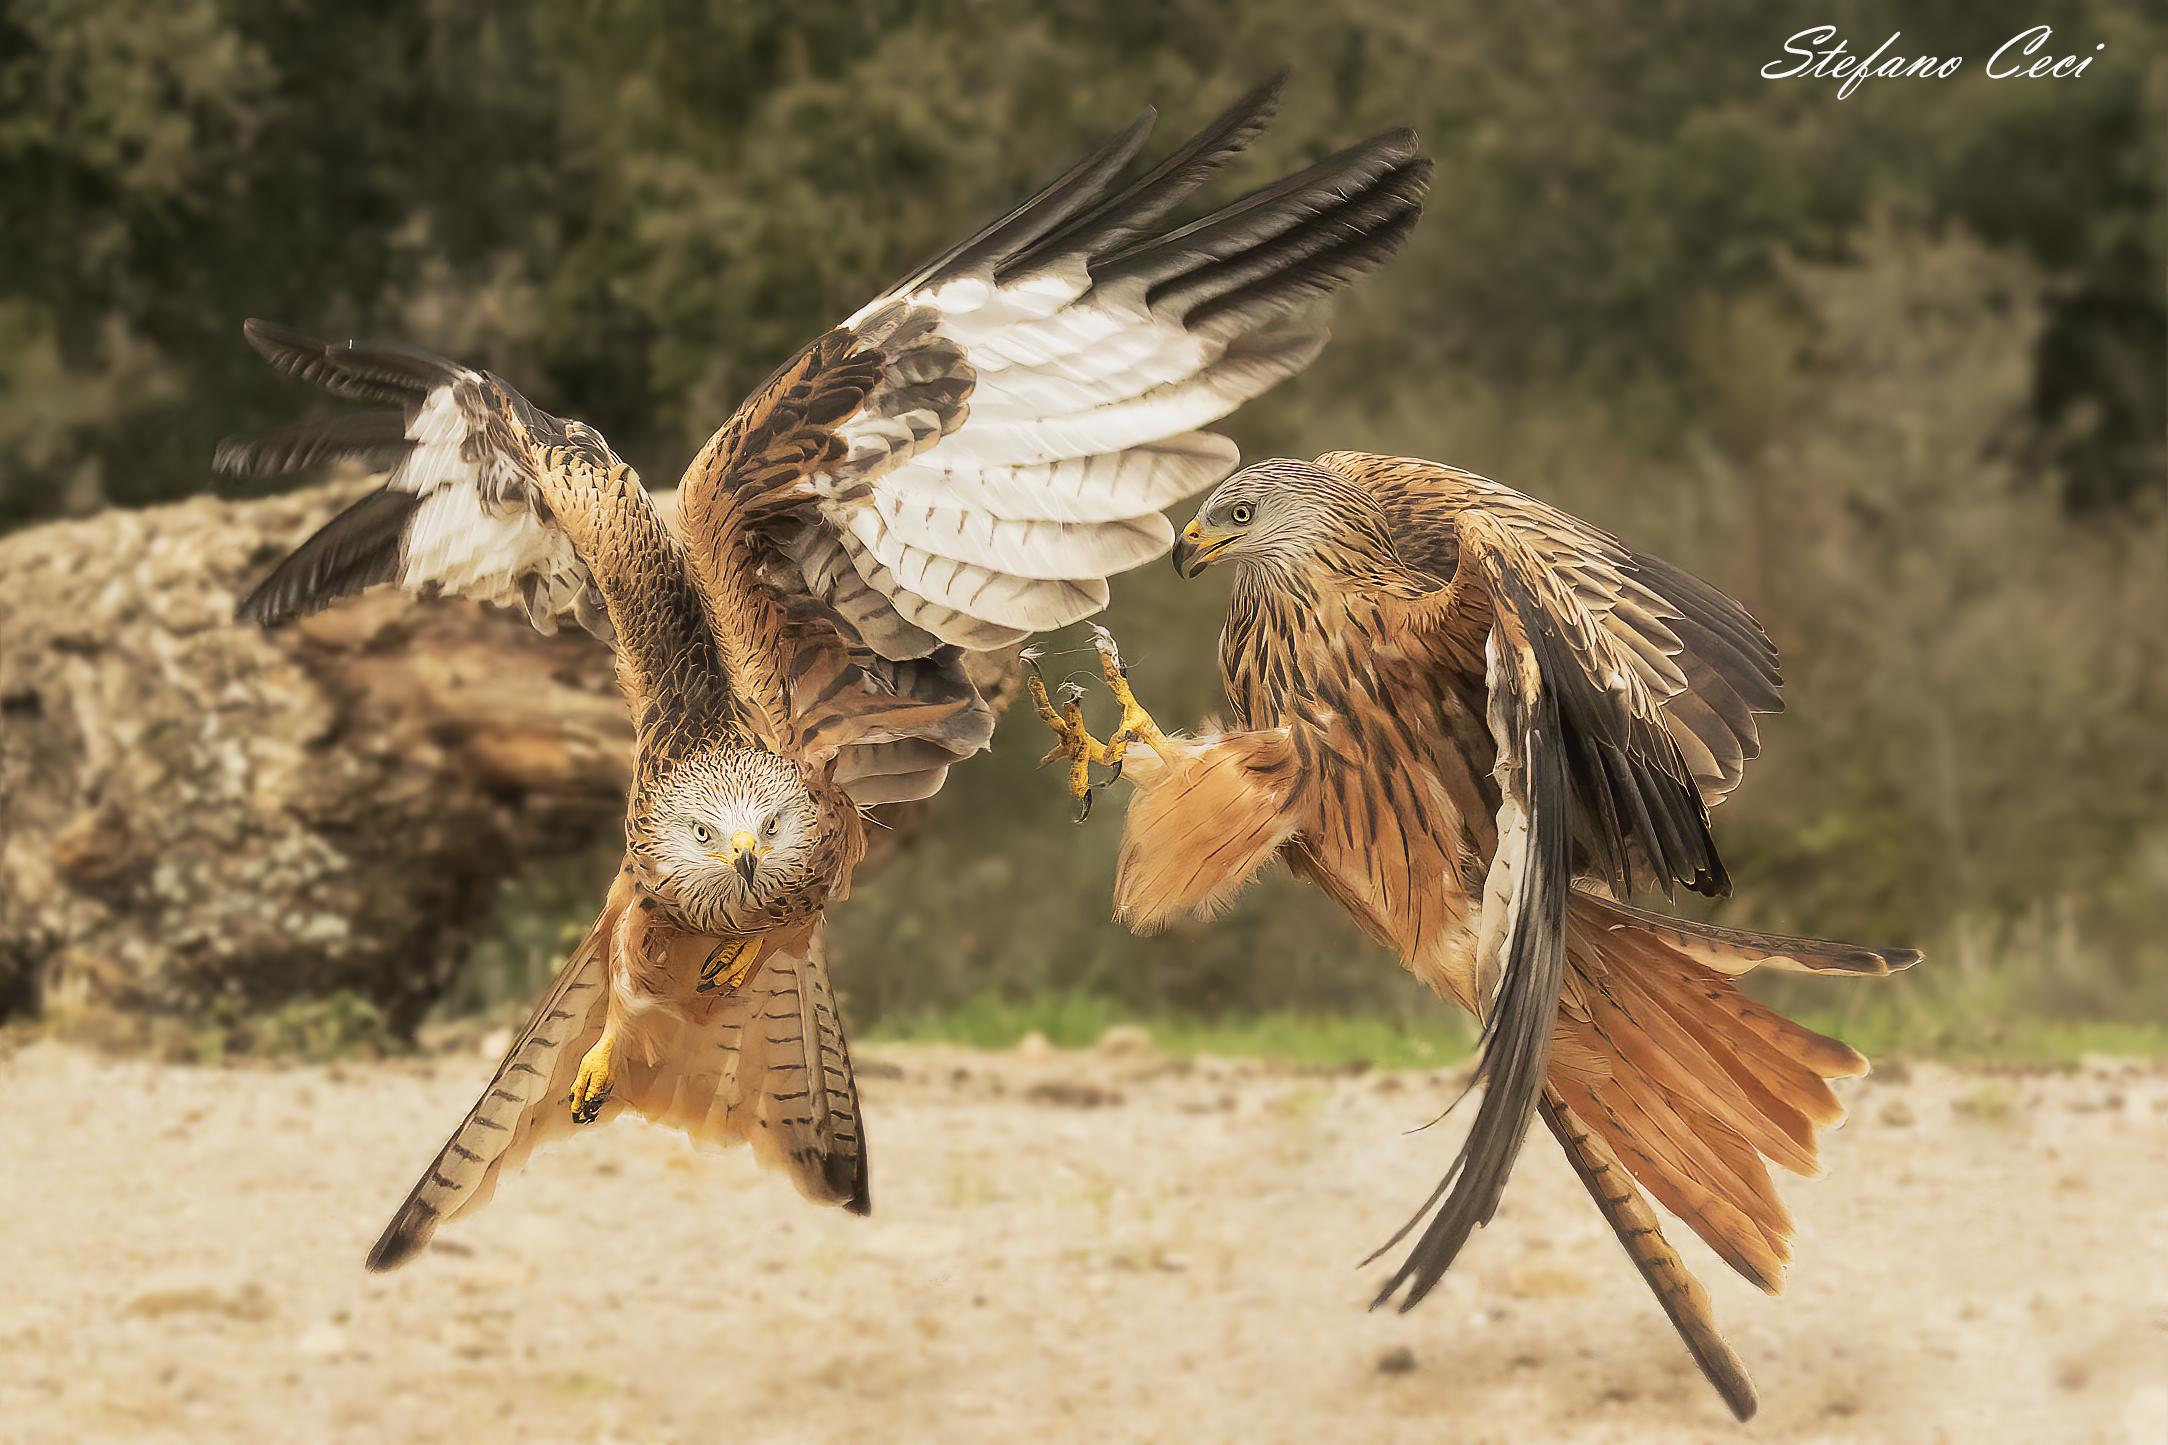 The Attack (Royal Kite)...